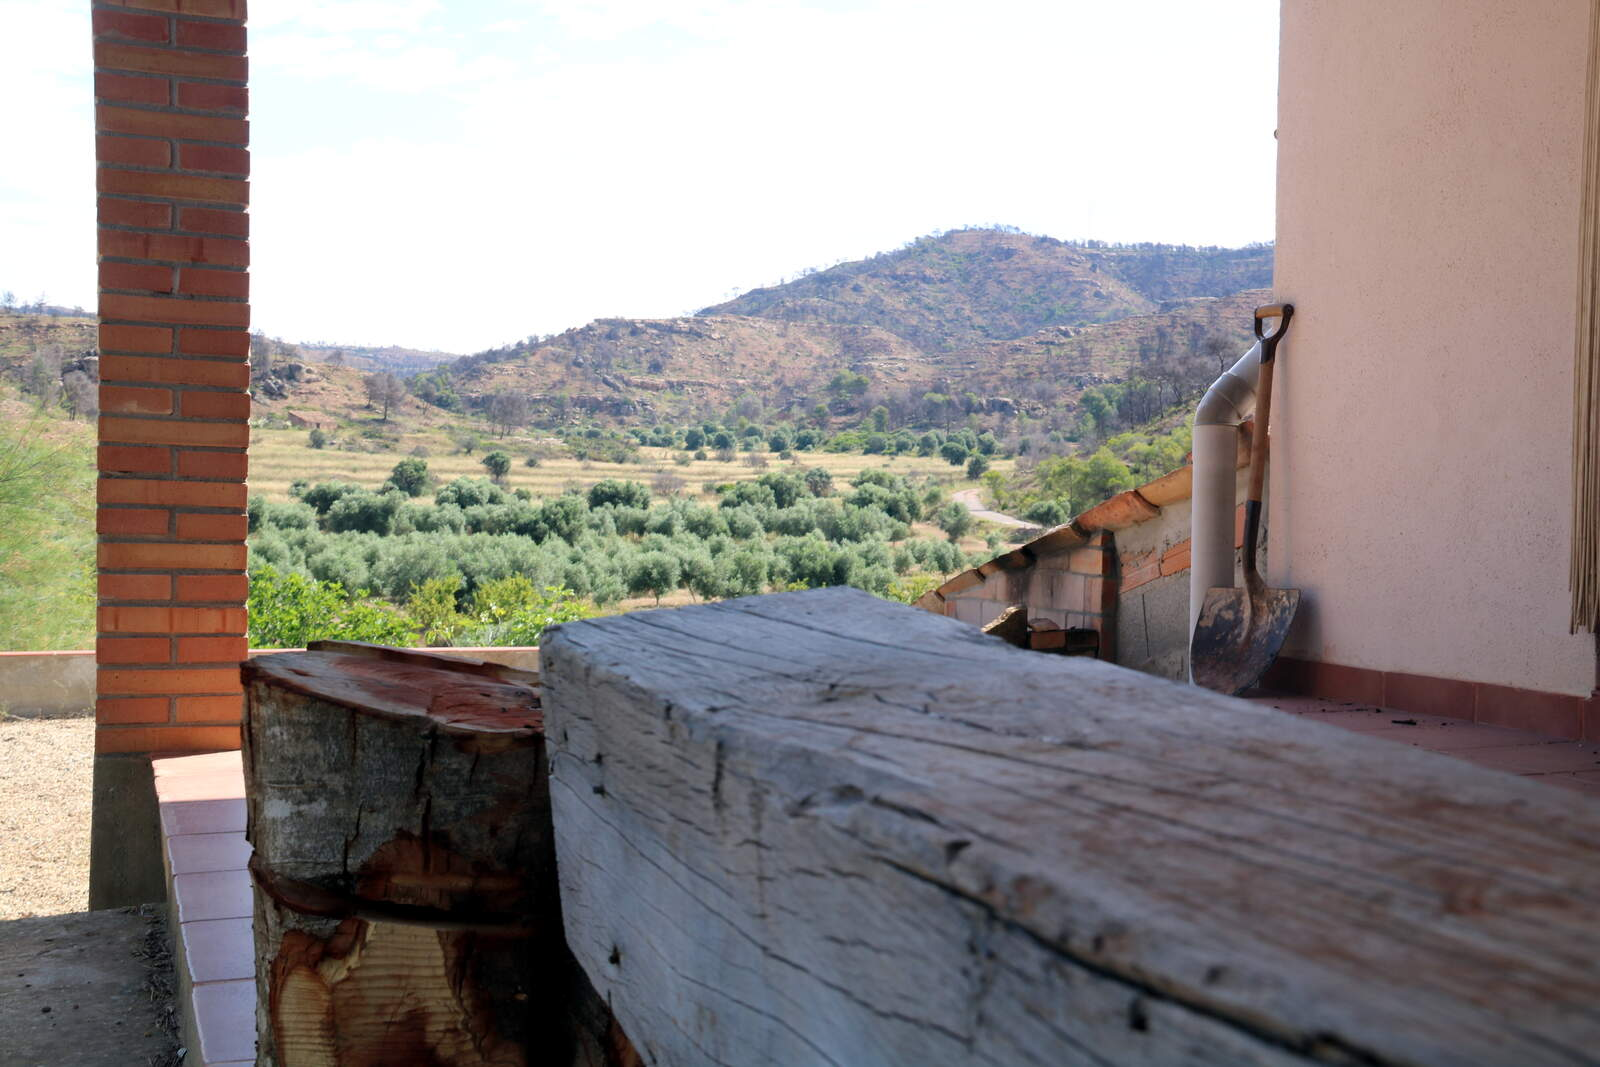 L'entrada a la masia de Lurdes Masot, que es va salvar del foc perquè estava envoltada d'oliveres conreades